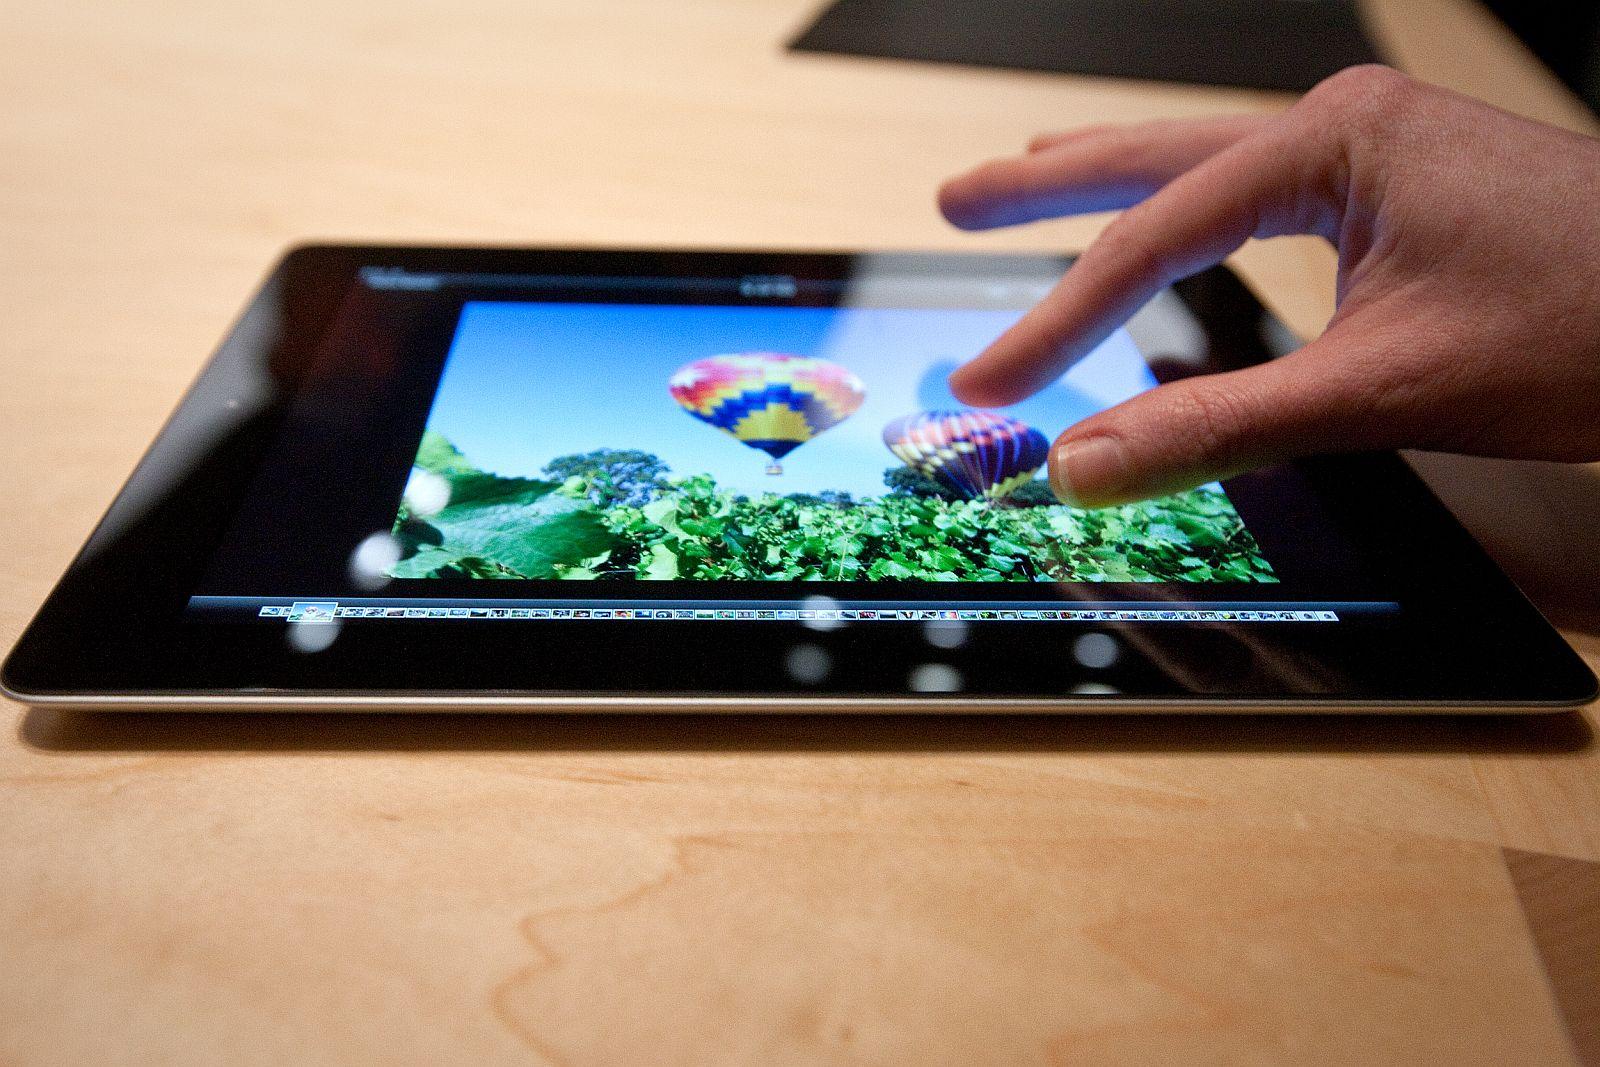 सामसुंगले एप्पलको आइफोनका लागि डिस्प्ले उपलब्ध गराउने